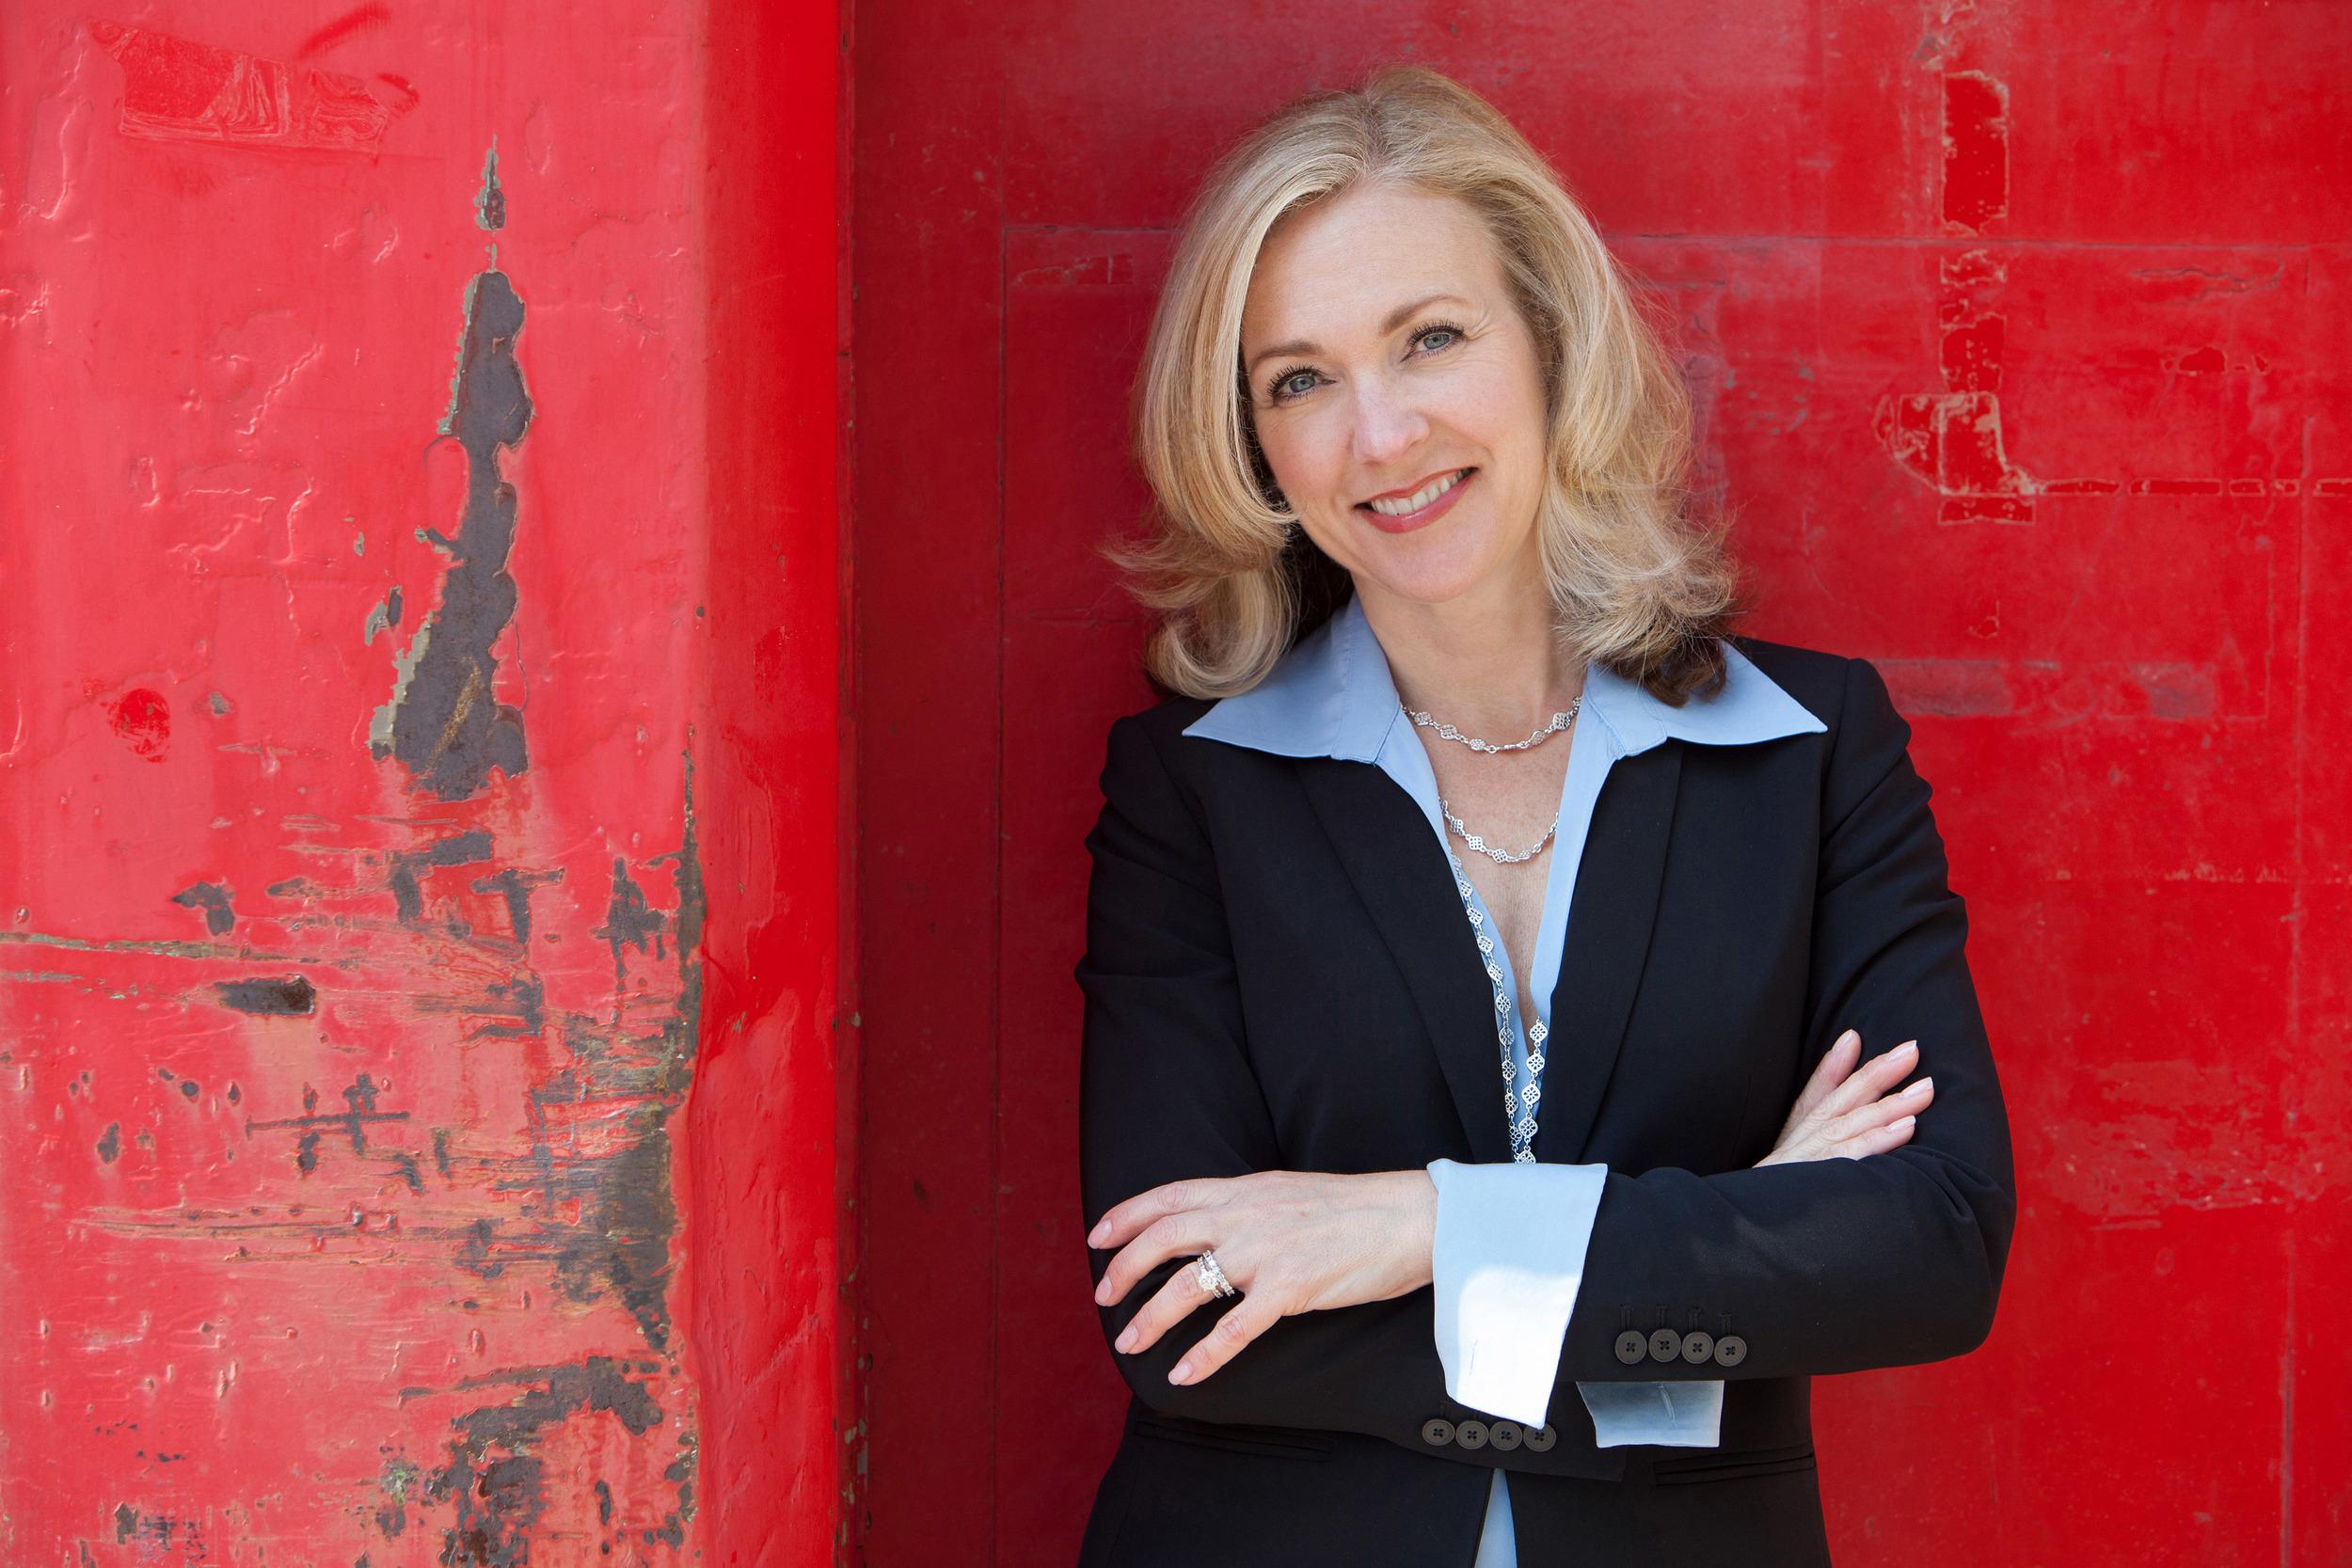 Pam Griffiths Business Coach .jpg